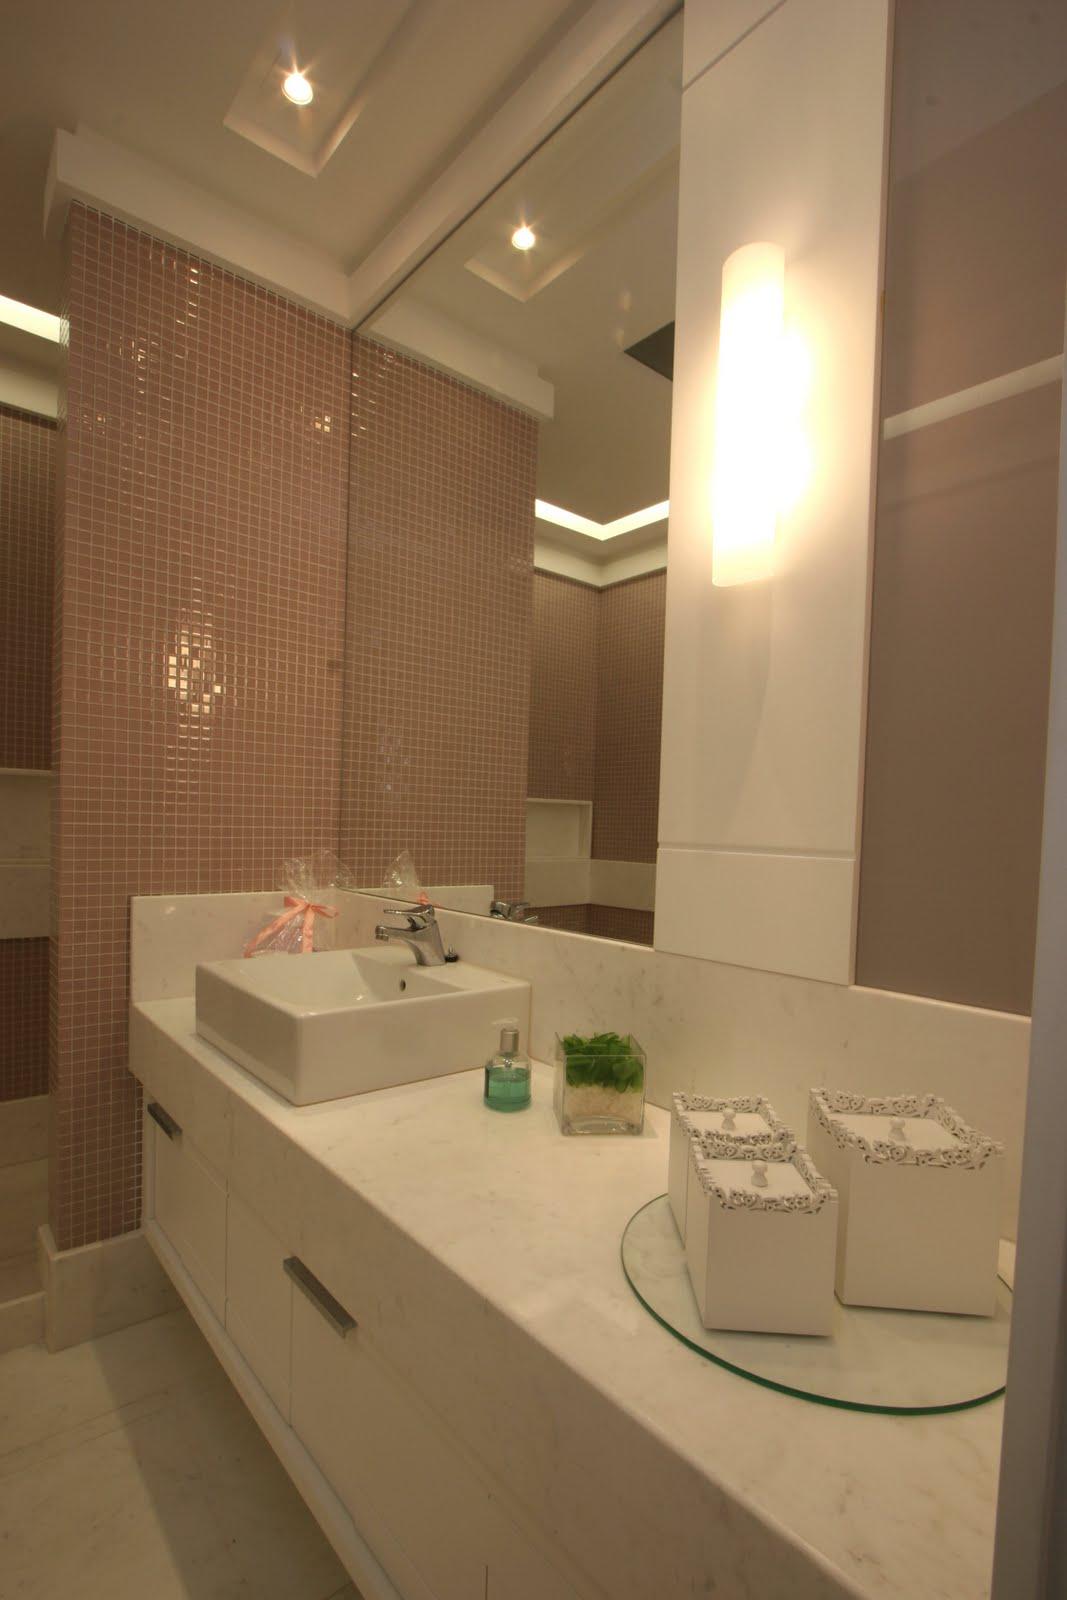 Sonhar Juntos: BANHEIRO PASTILHAS DE VIDRO: vamos brincar de decorar  #C0990B 1067x1600 Banheiro De Fibra De Vidro